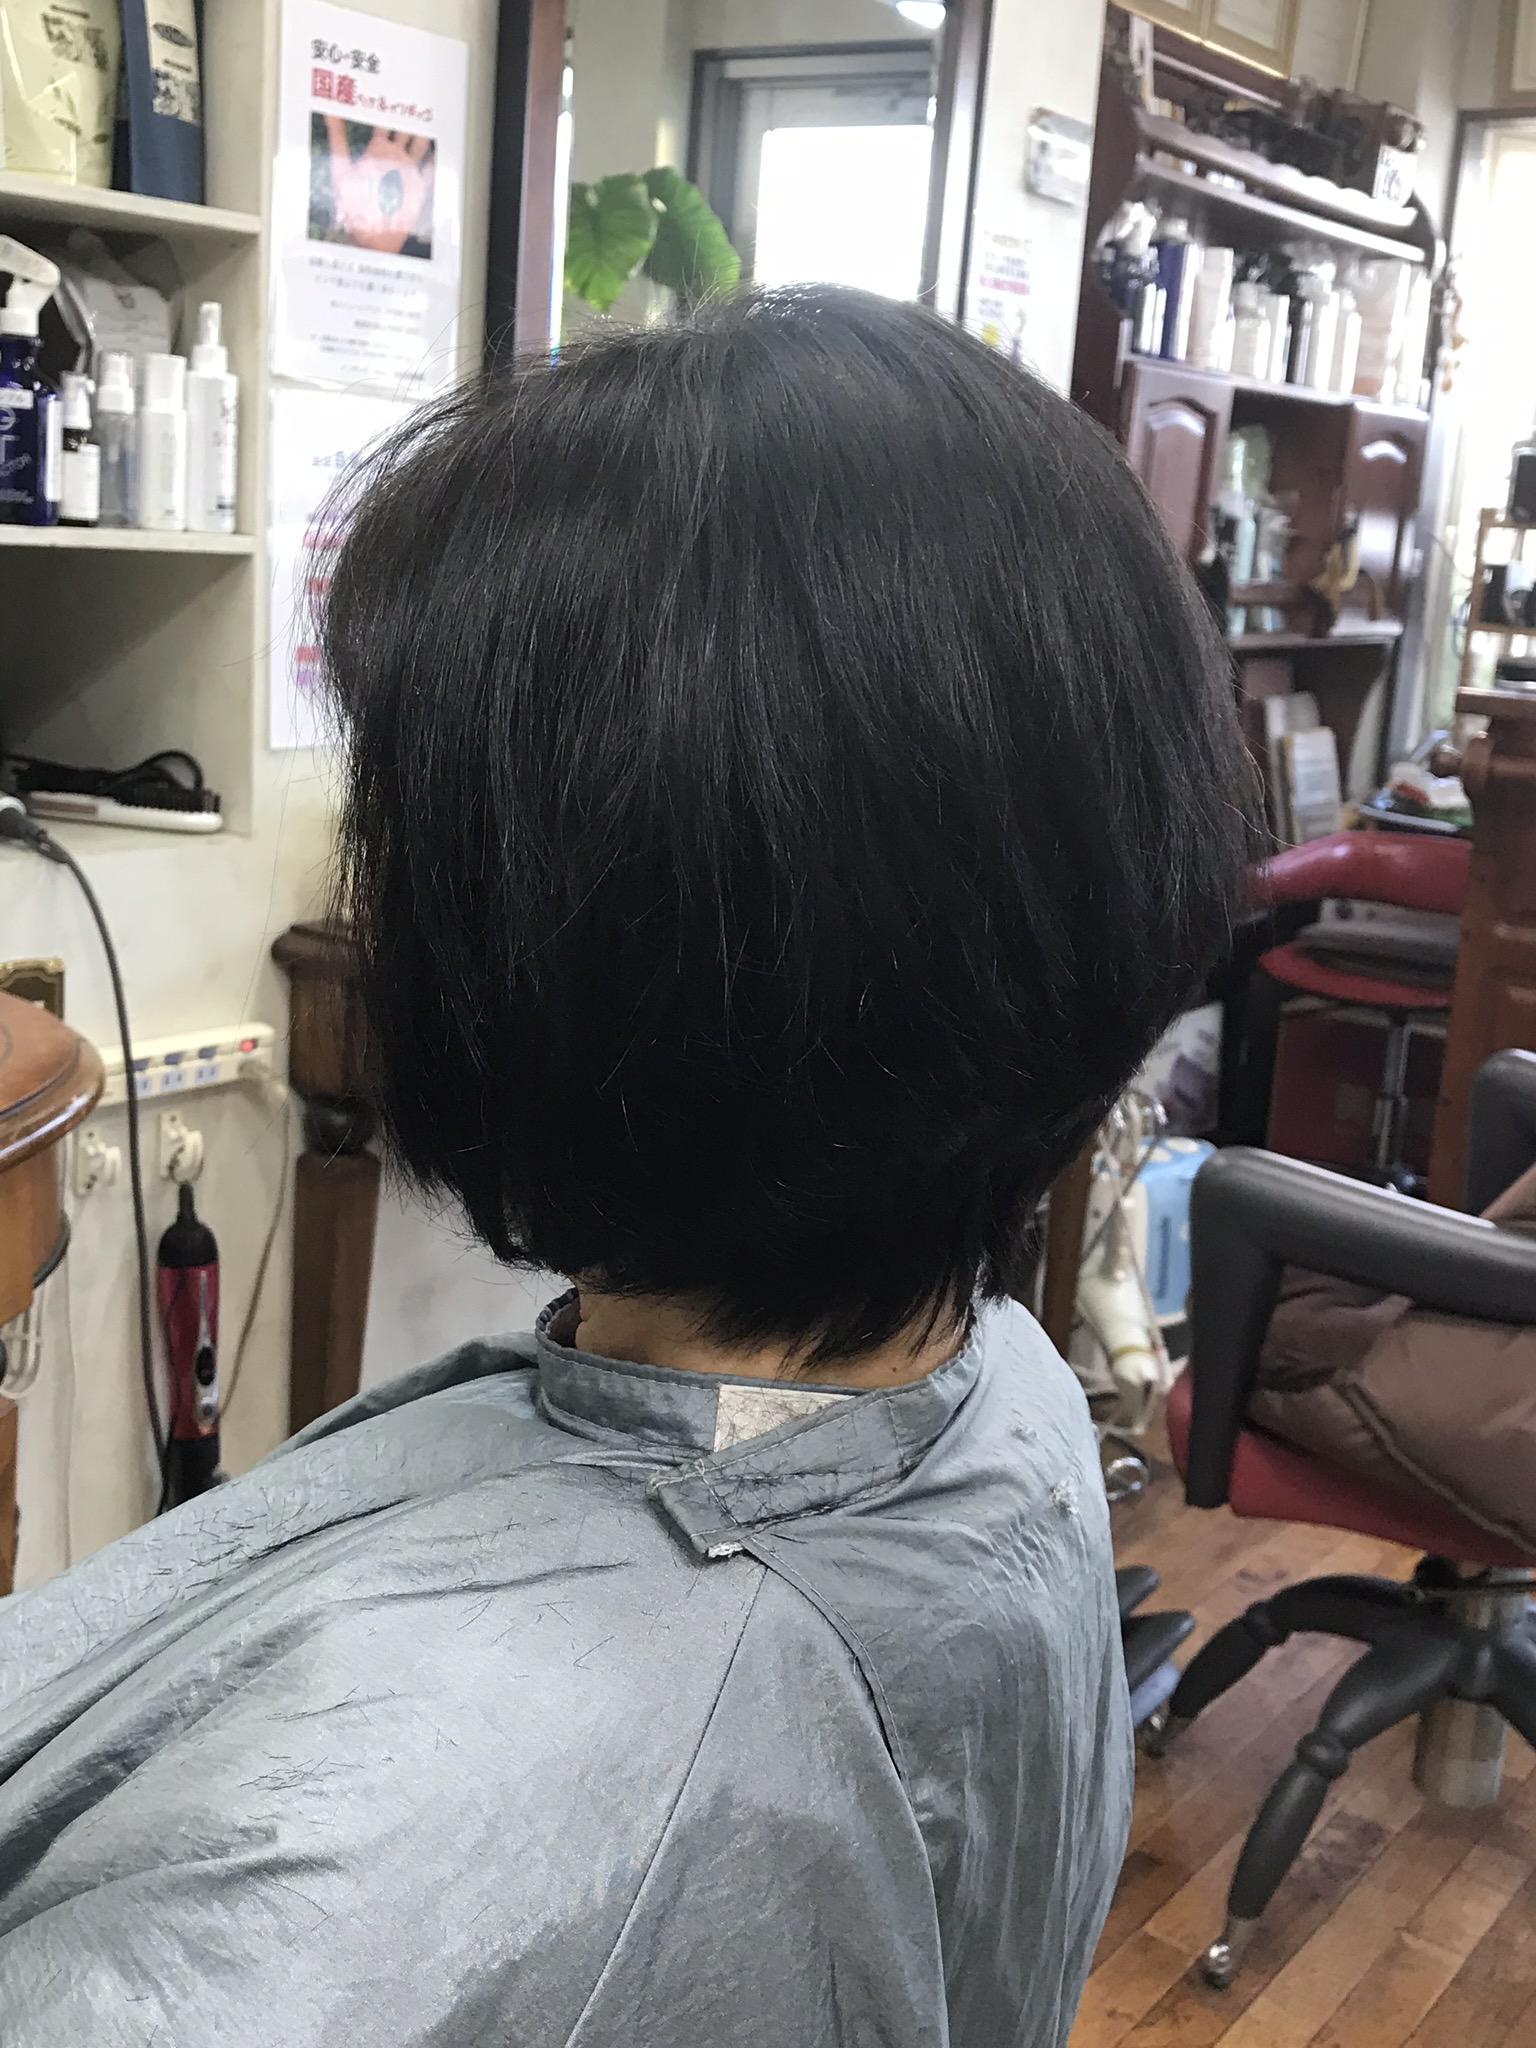 髪への優しさを感じる ヘナ&キュビズムカット 香りが違う&音が違う 信用を求めてご来店